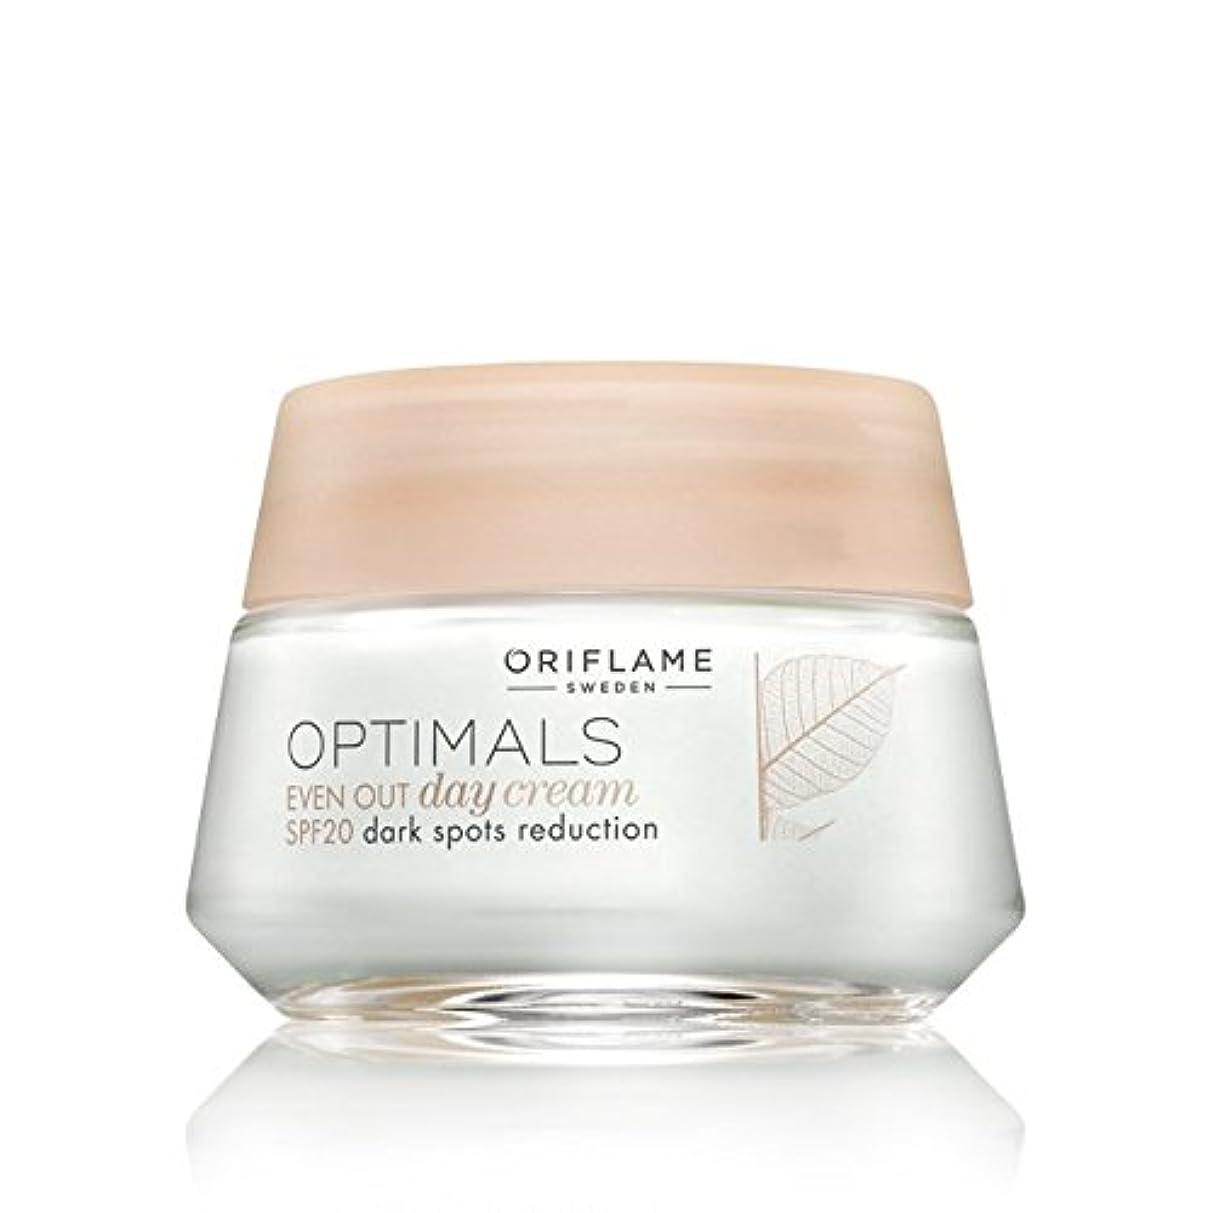 スプリット消費者輸血Oriflame Optimals SPF 20 Dark Spot Reduction Even Out Day Cream, 50ml